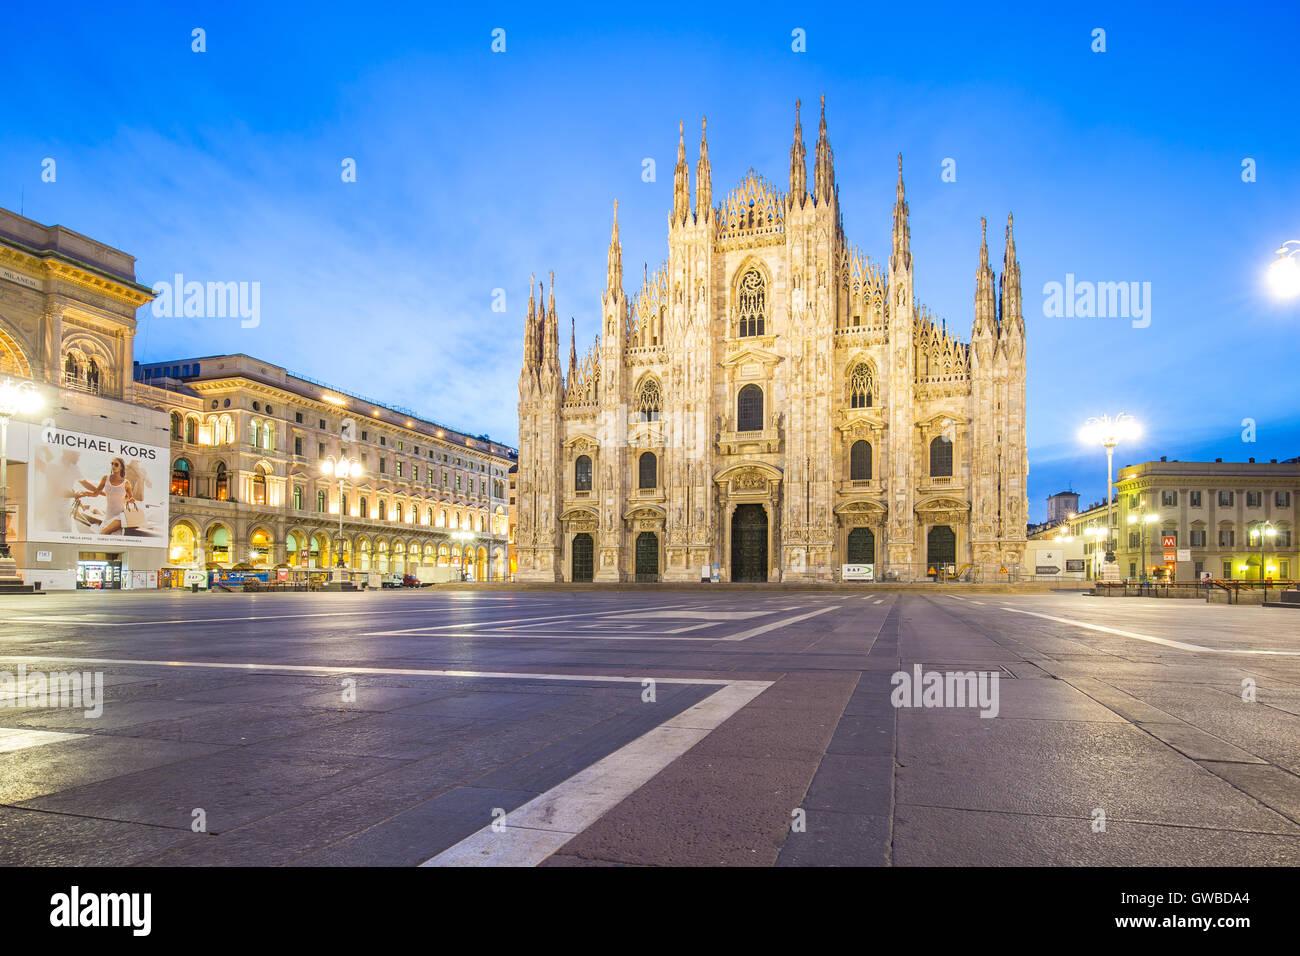 Le Duomo de la cathédrale de Milan à Milan, Italie. Photo Stock